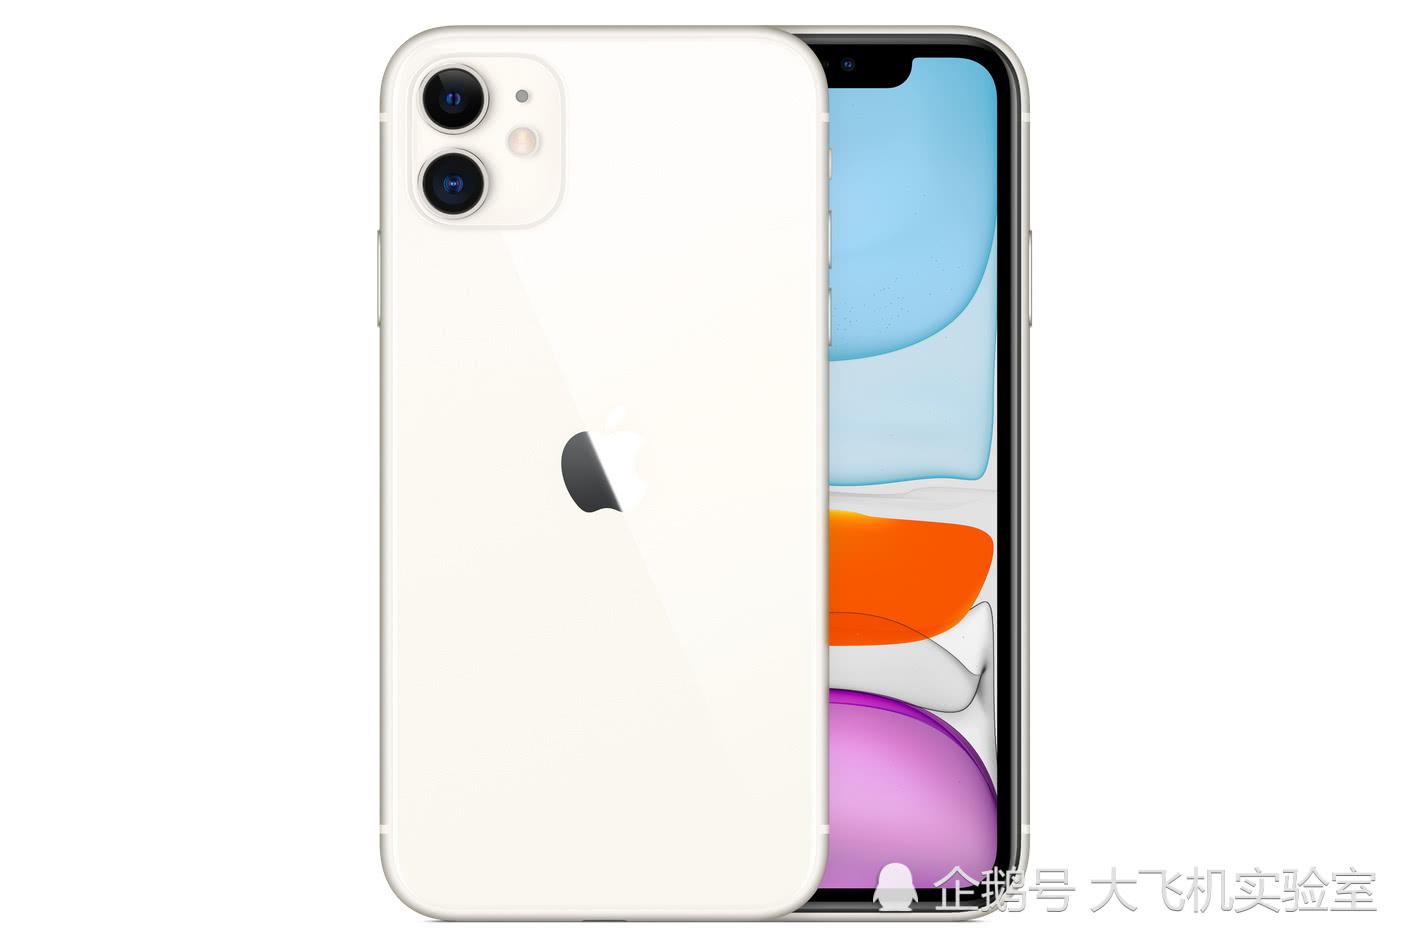 iPhone 11和iPhone 11 Pro推出彩色可选